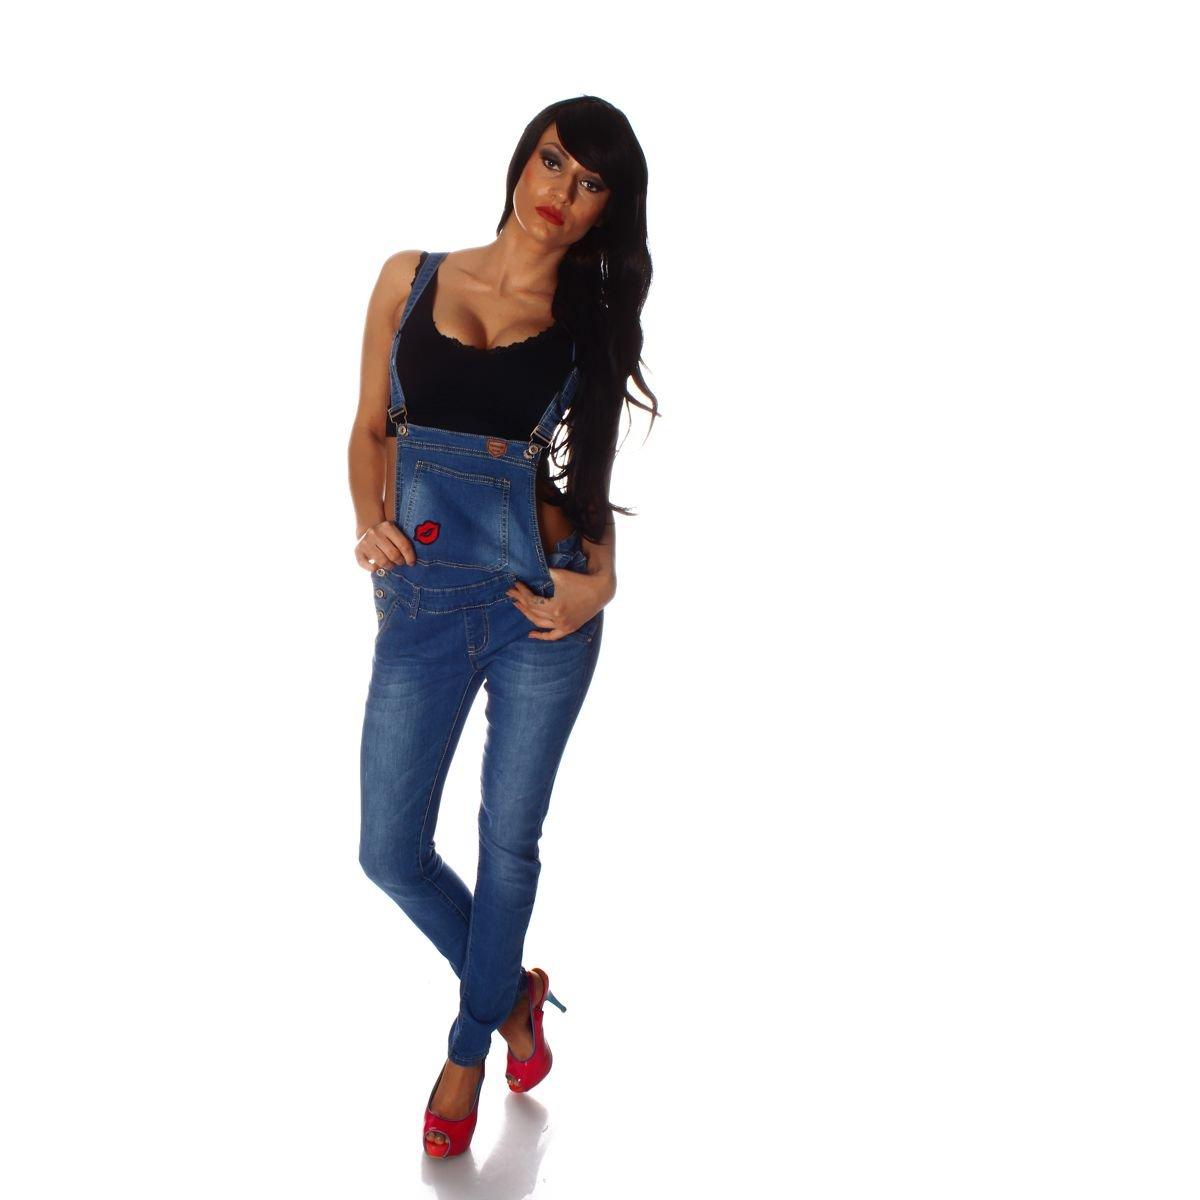 Fashion4Young 10696 Damen Latzhose Hose Pants mit Tr/äger R/öhren Jeans Overall Jeanshose Tr/ägerhose